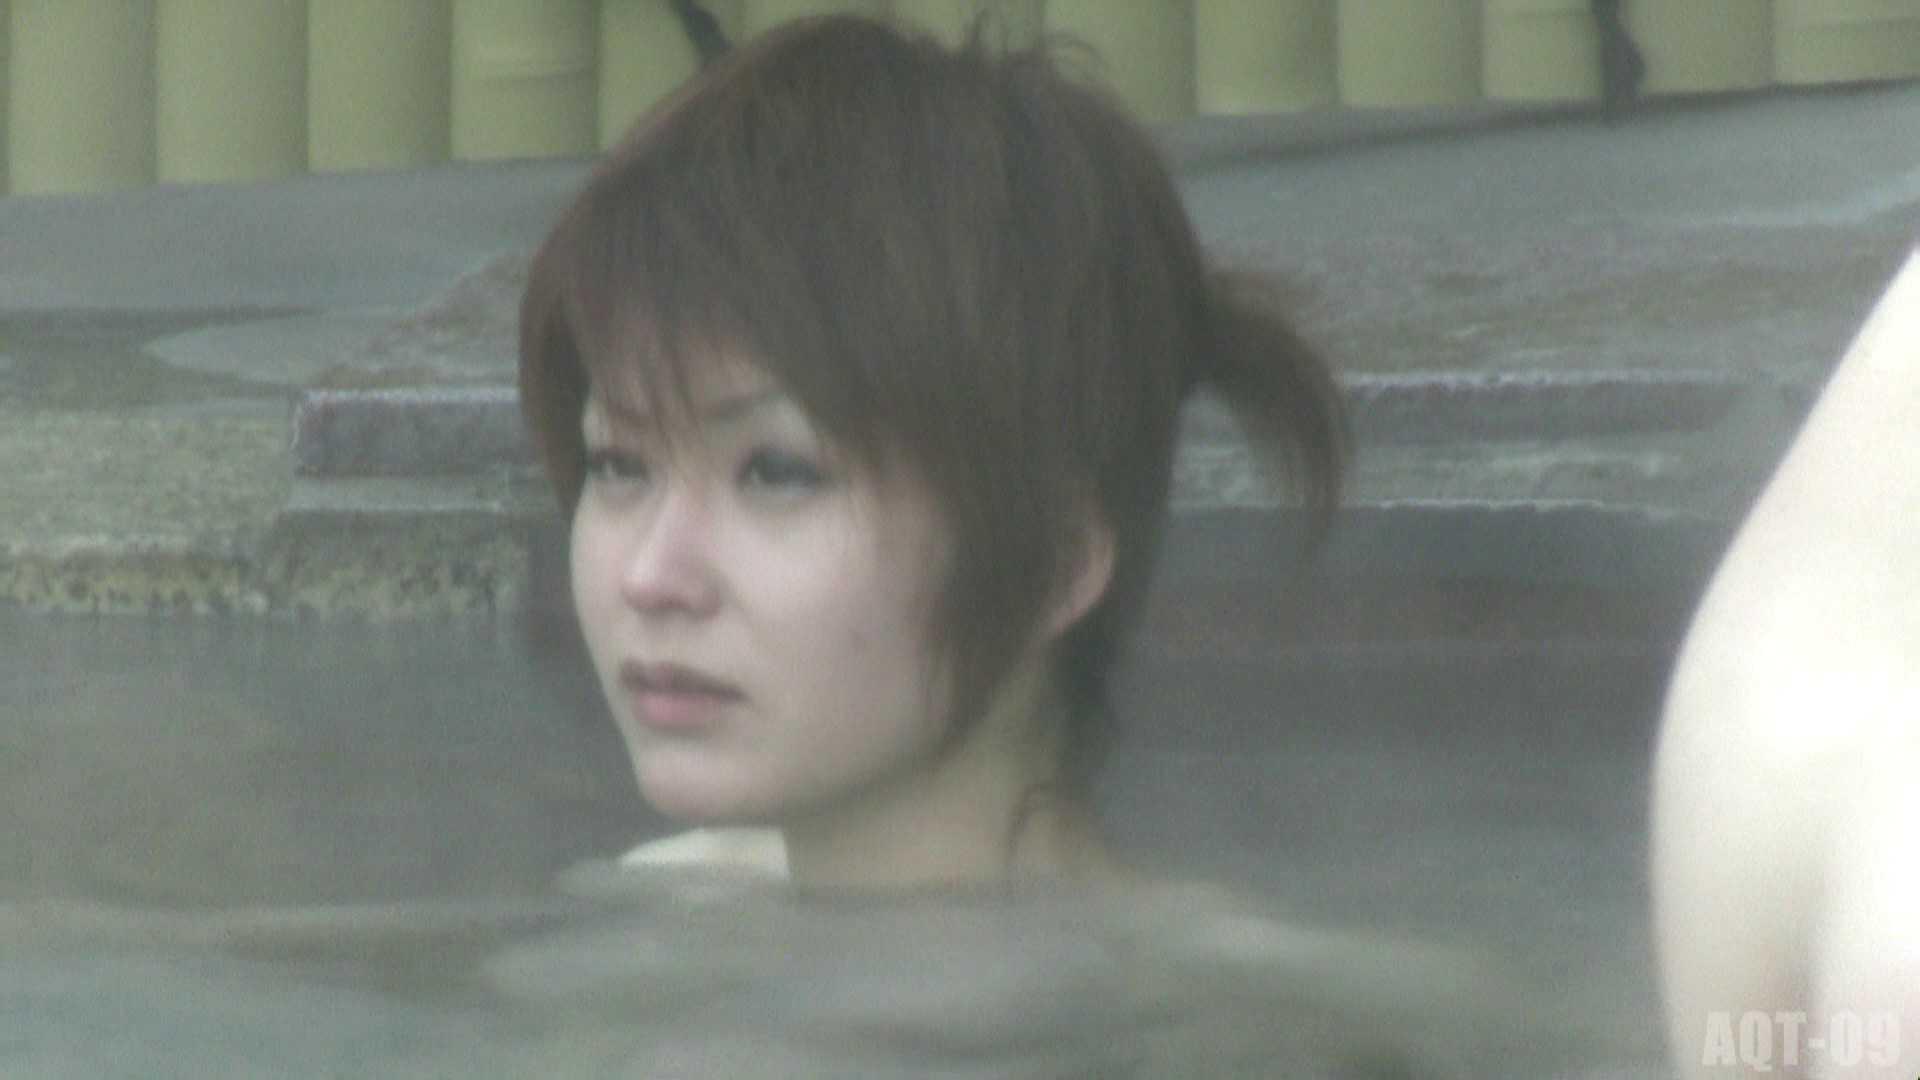 Aquaな露天風呂Vol.779 盗撮  107画像 33